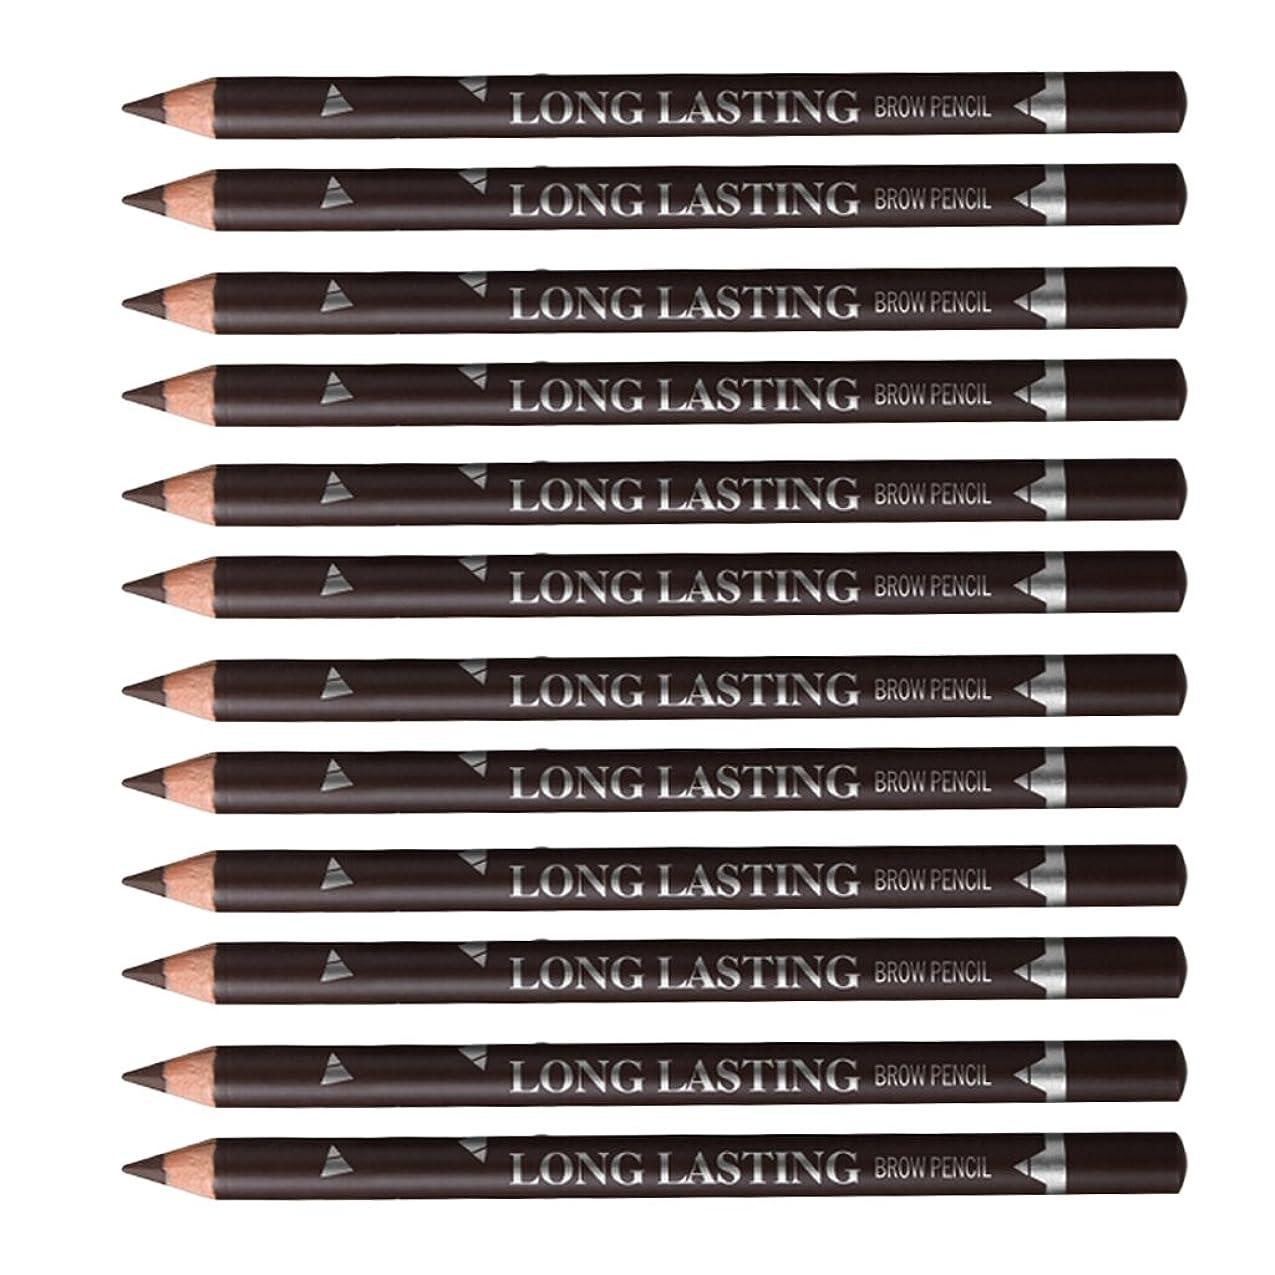 分析的平らな華氏12個防水タトゥー化粧ペンシルアイブロウタトゥーペンセットブラック/ブラウン - ダークブラウン